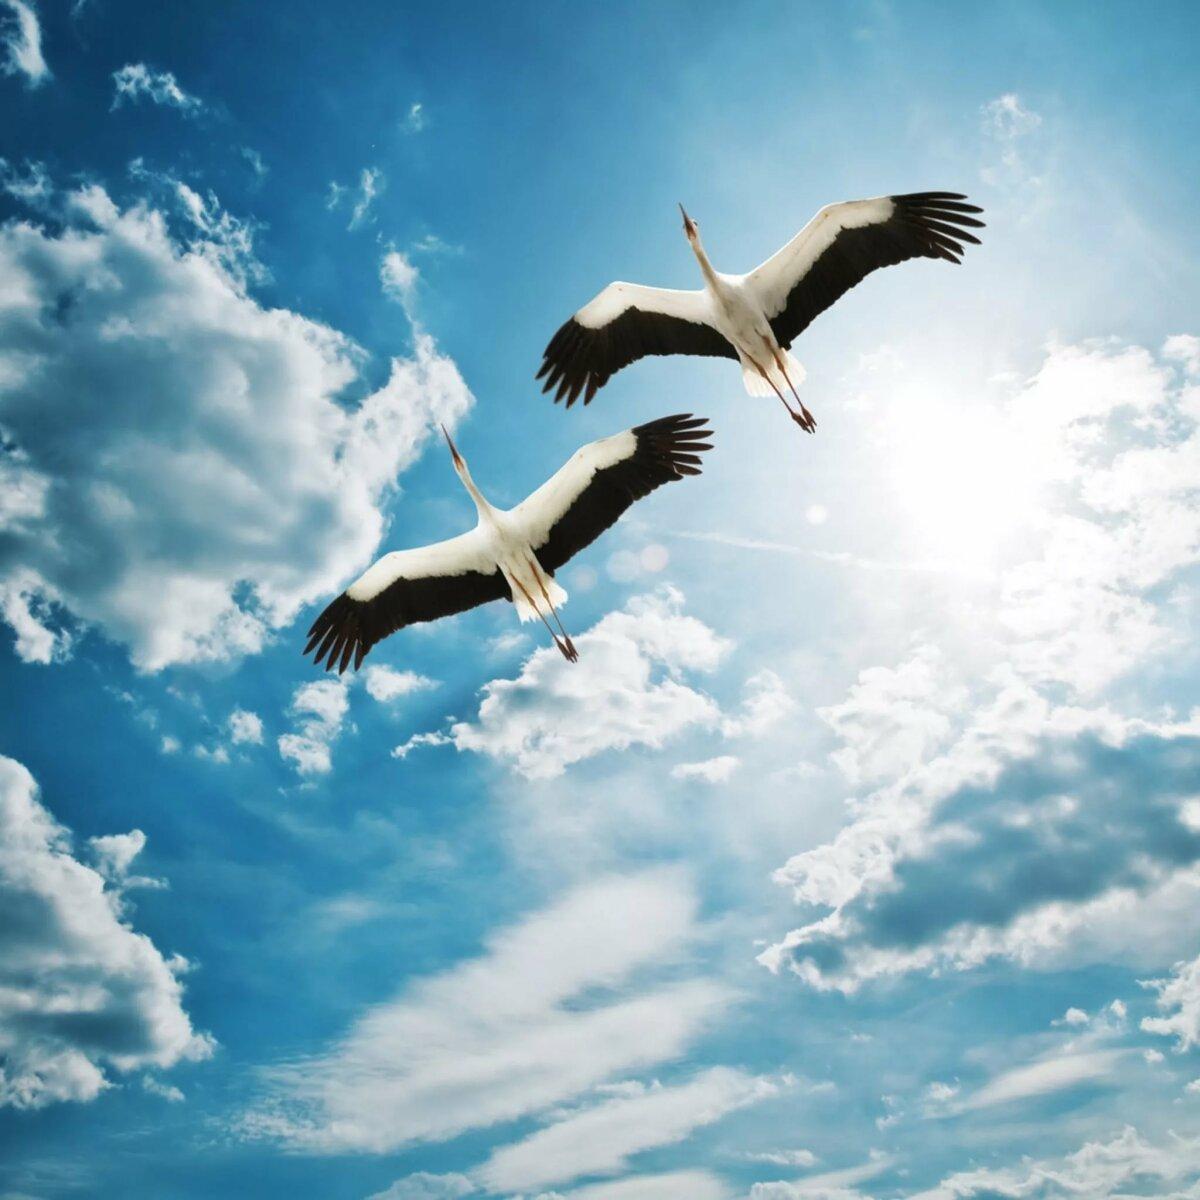 я свободна как птица в небесах картинки территории области было